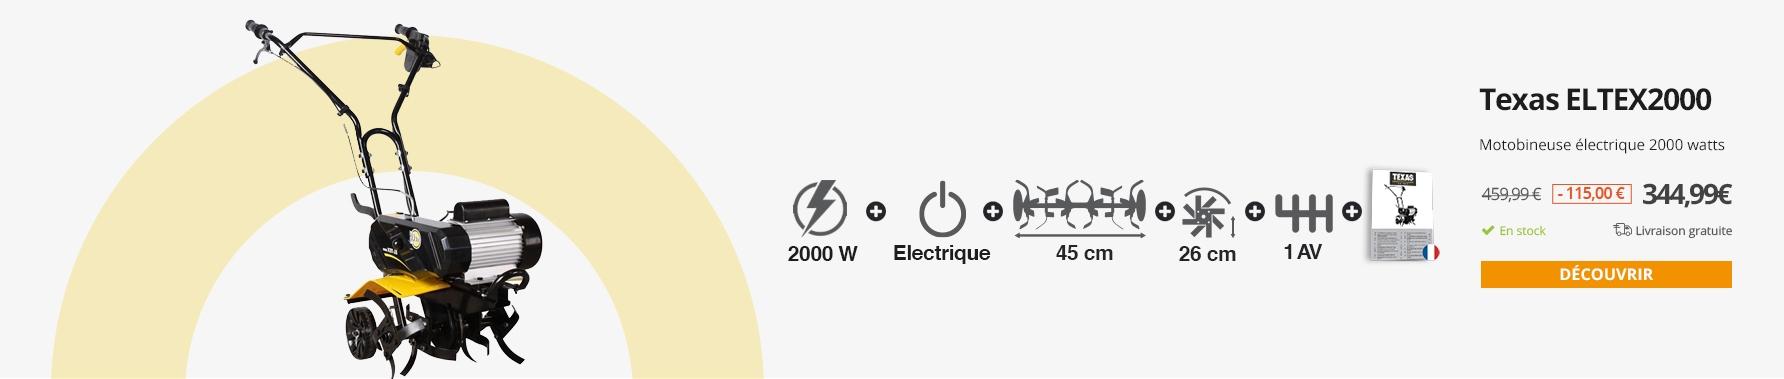 Motobineuse électrique 2000 watts largeur travail 45cm Texas ELTEX2000